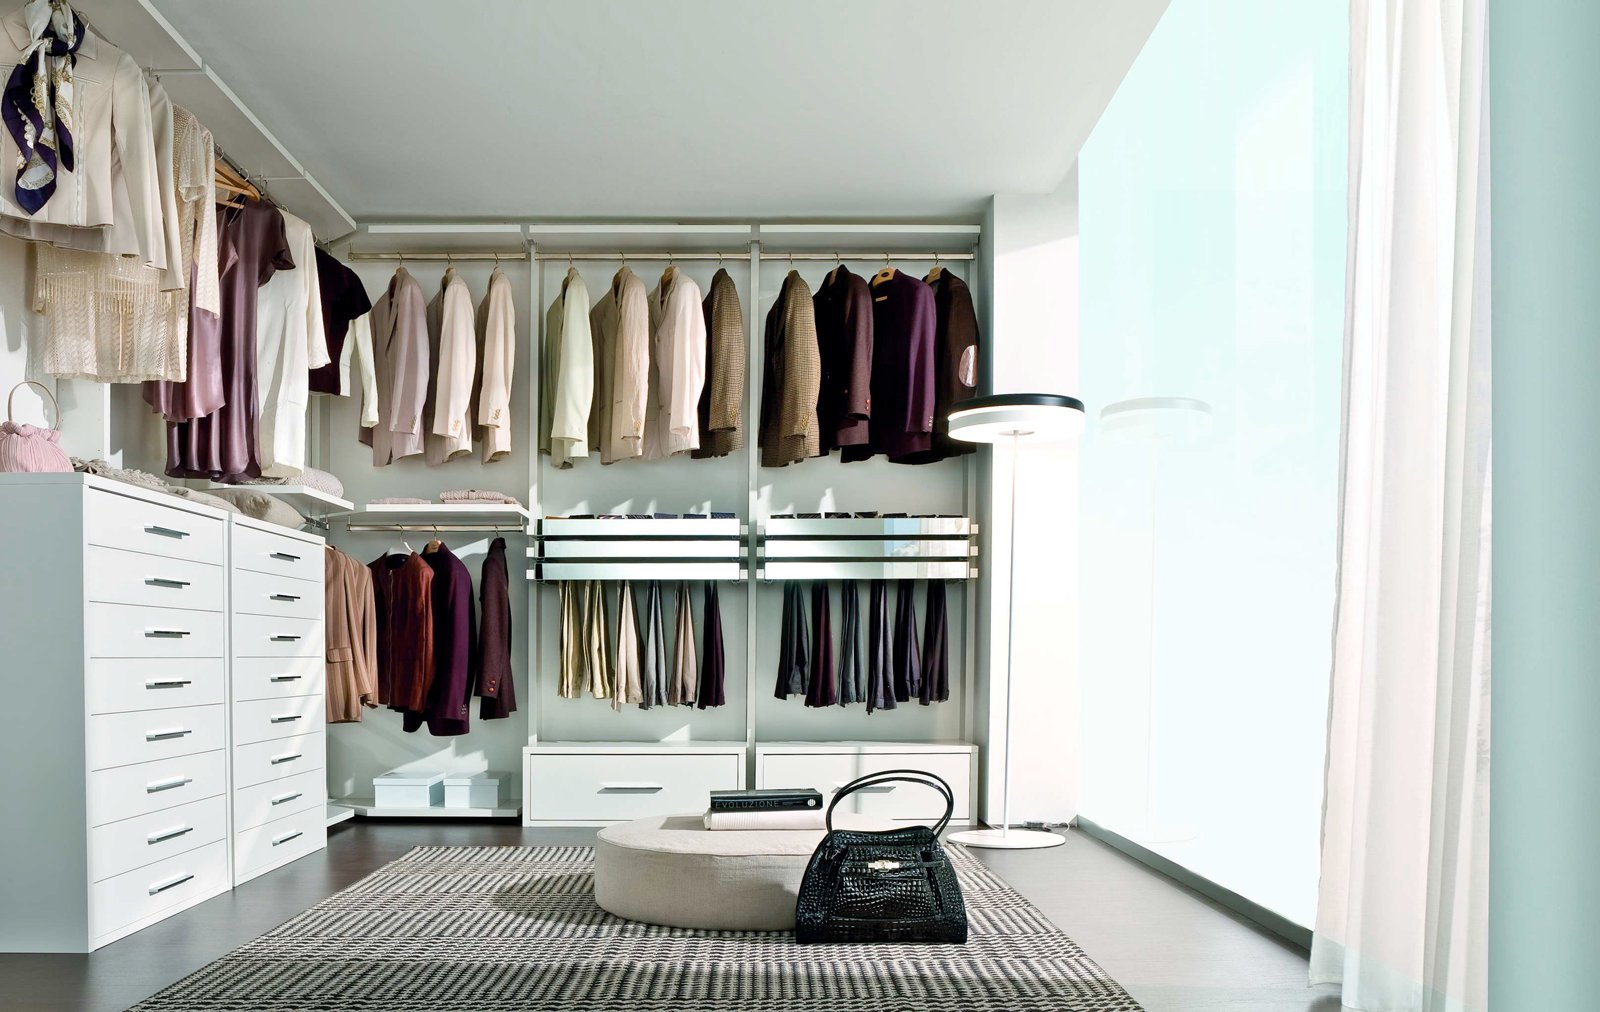 Casabook immobiliare cabine armadio soluzione trendy for Una planimetria della cabina del telaio